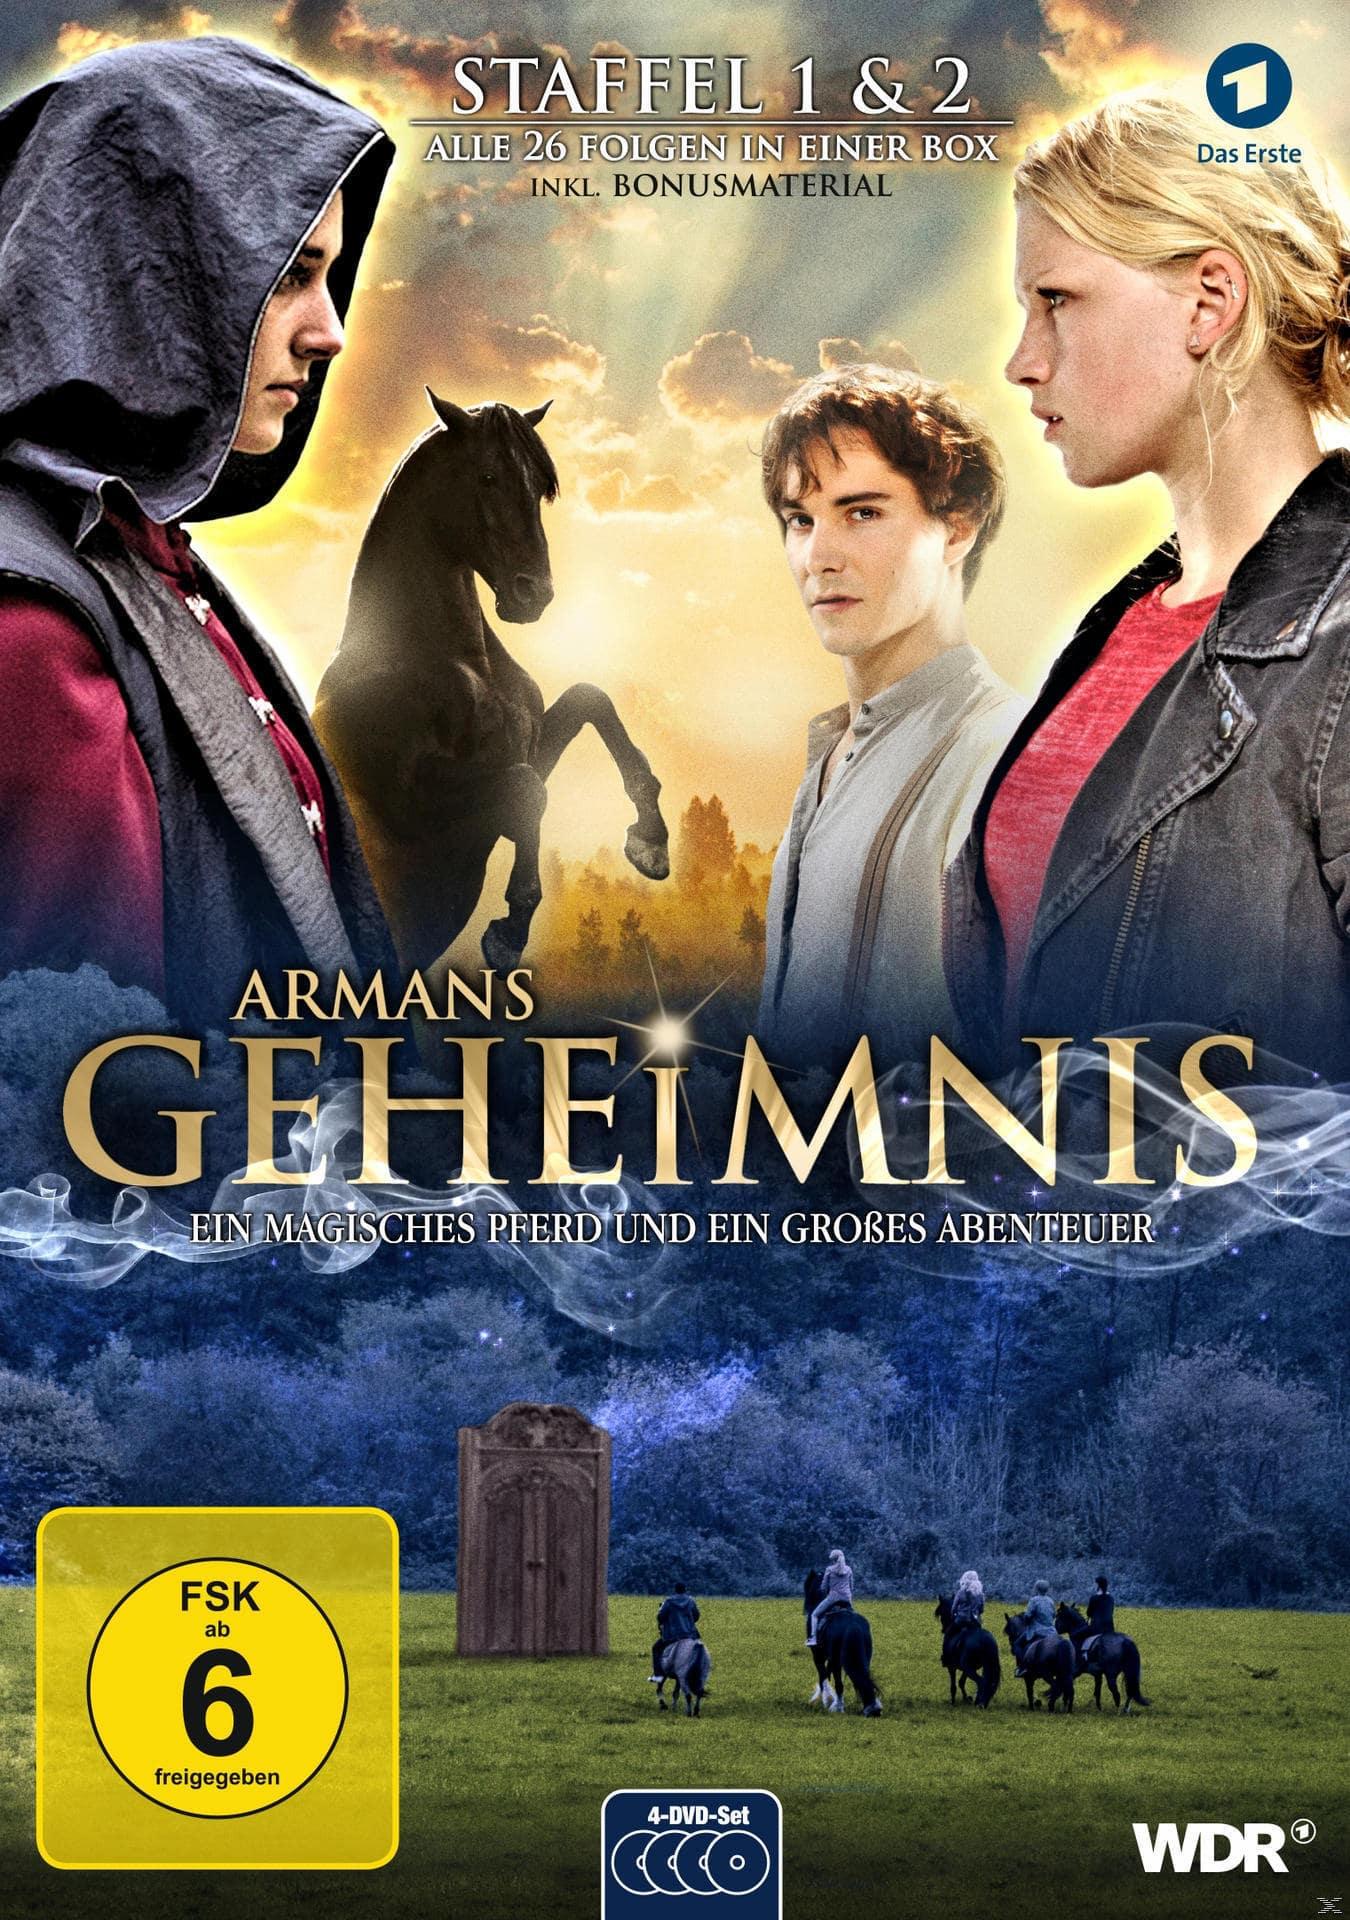 Armans Geheimnis - Staffel 1&2 - Die Collection DVD-Box (DVD) für 24,99 Euro